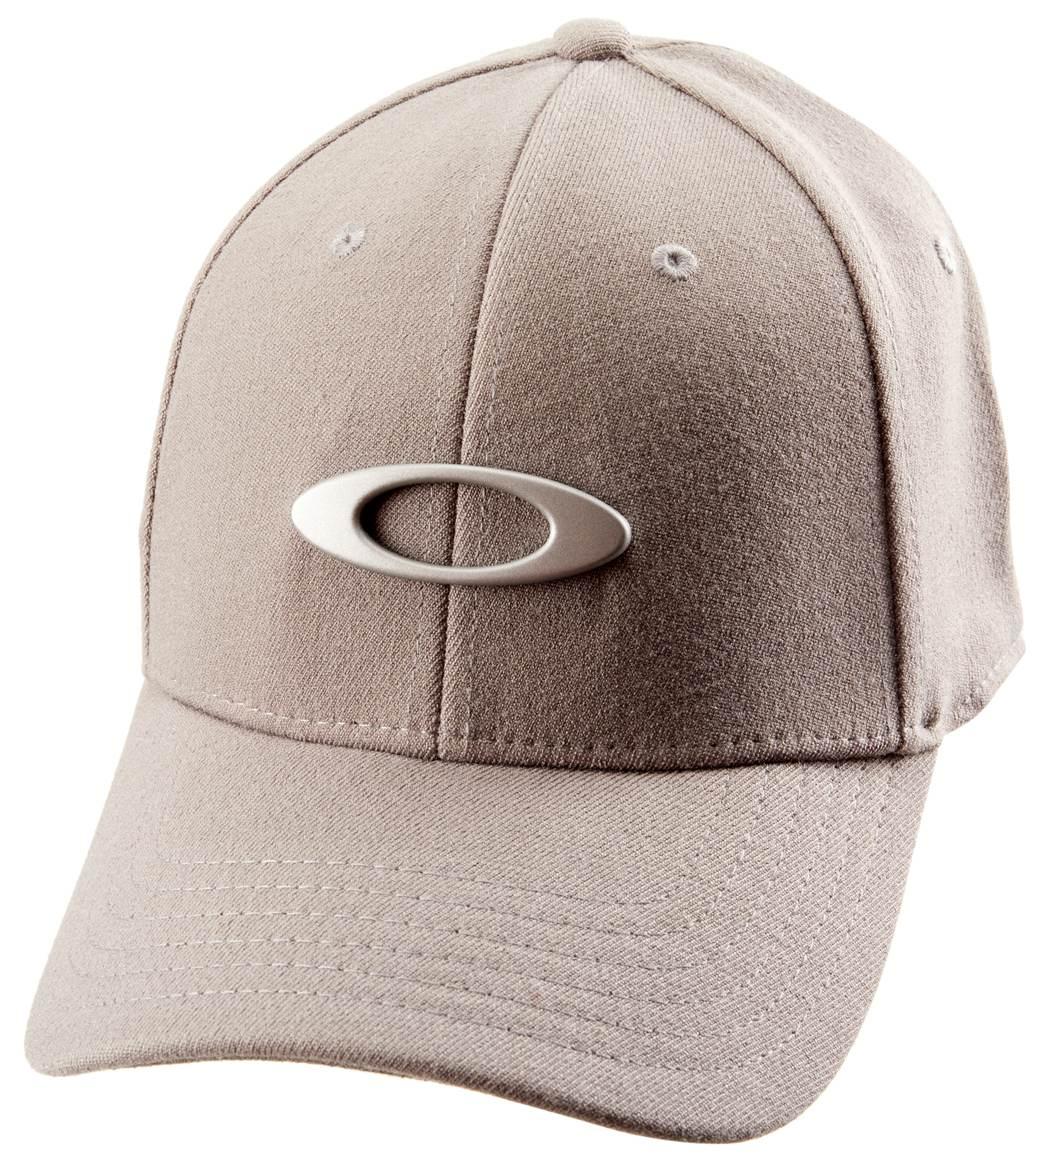 9fc5d862f46 Oakley Men s Tincan Hat at SwimOutlet.com